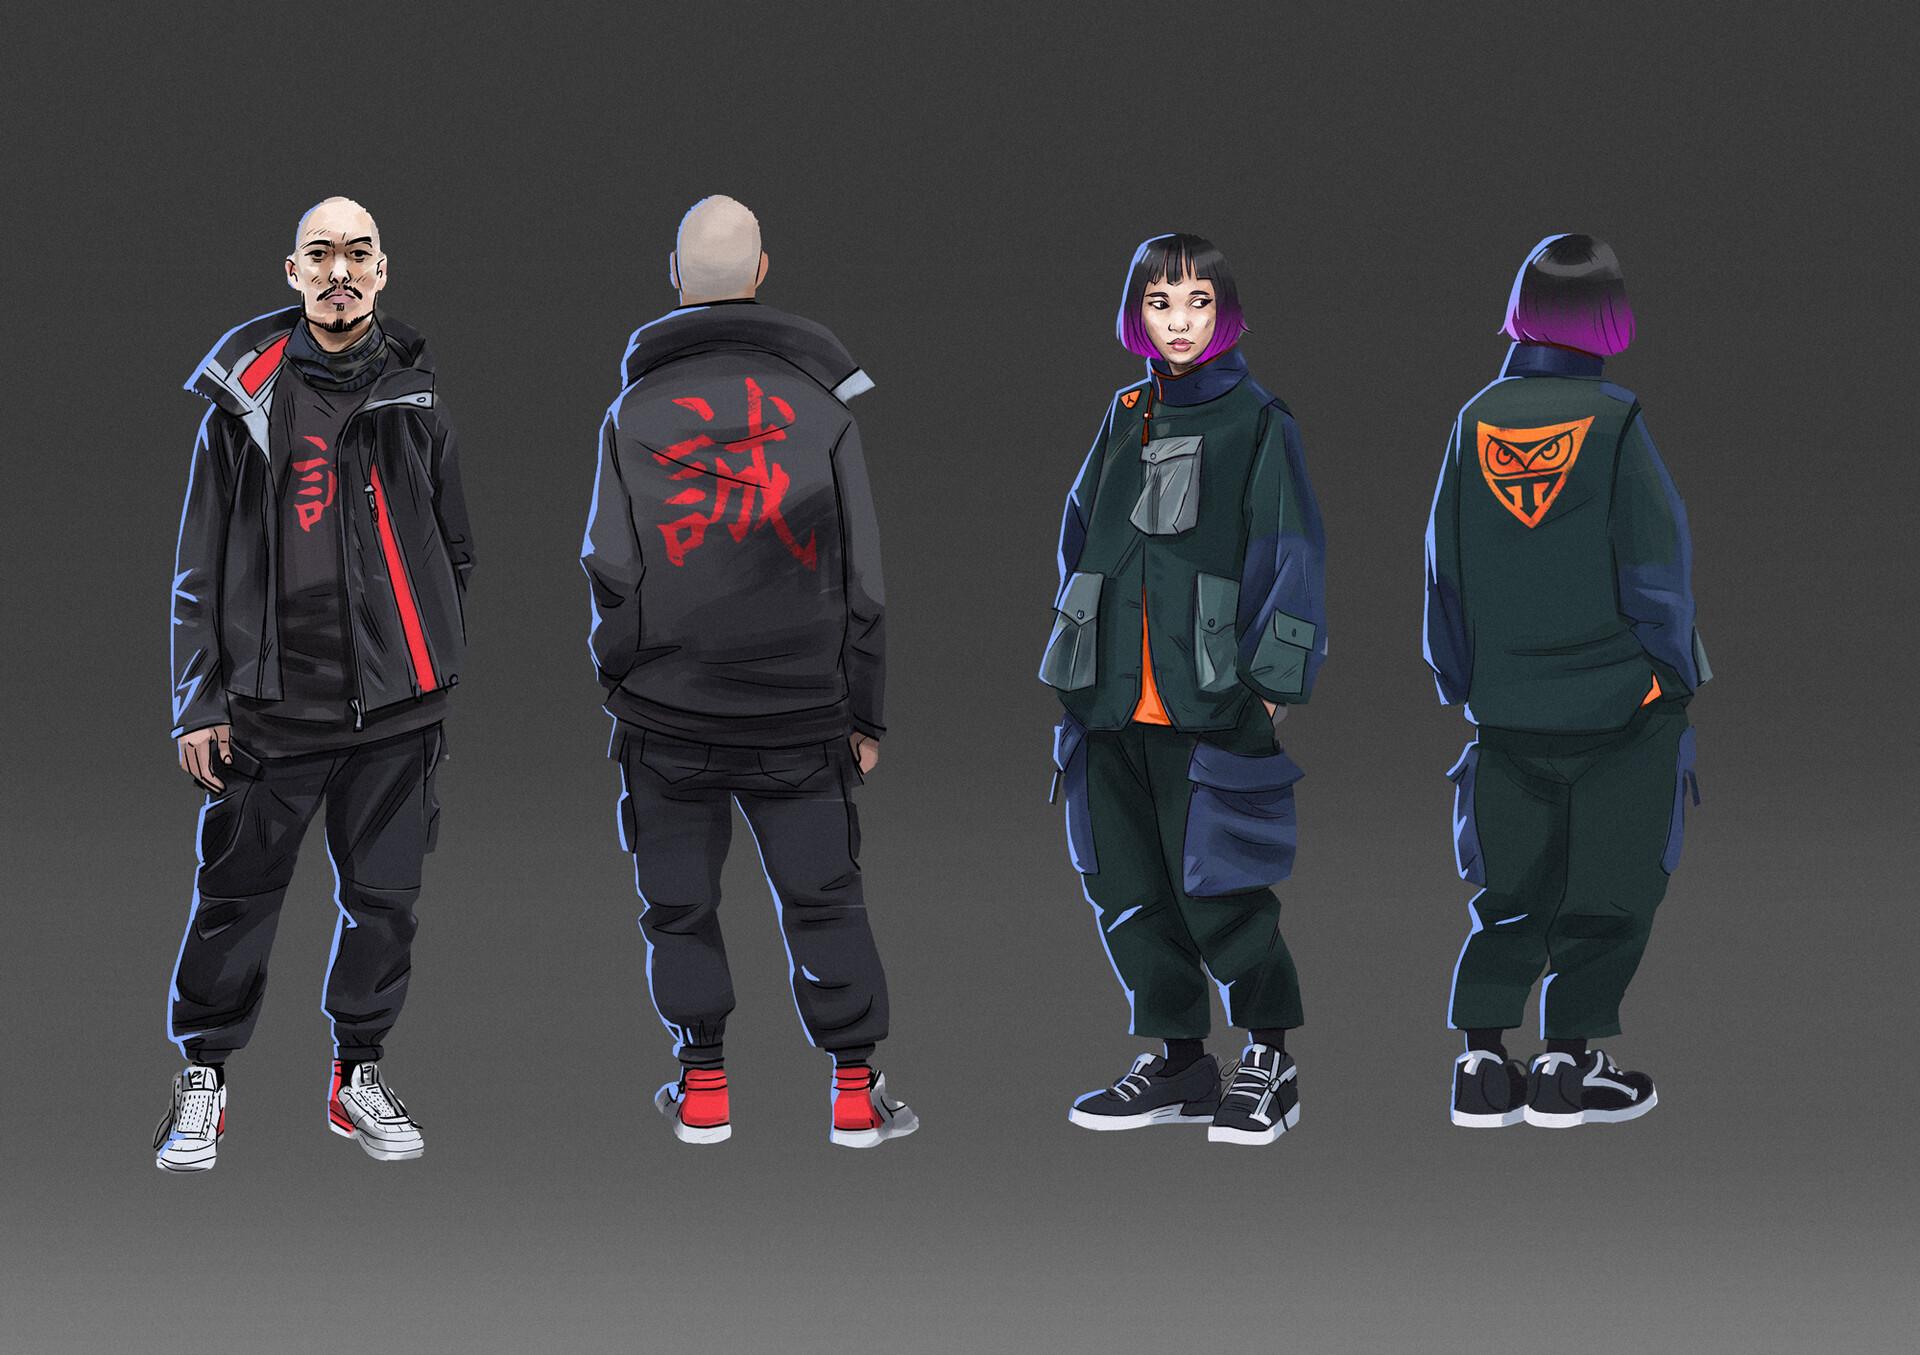 Cyberpunk character design